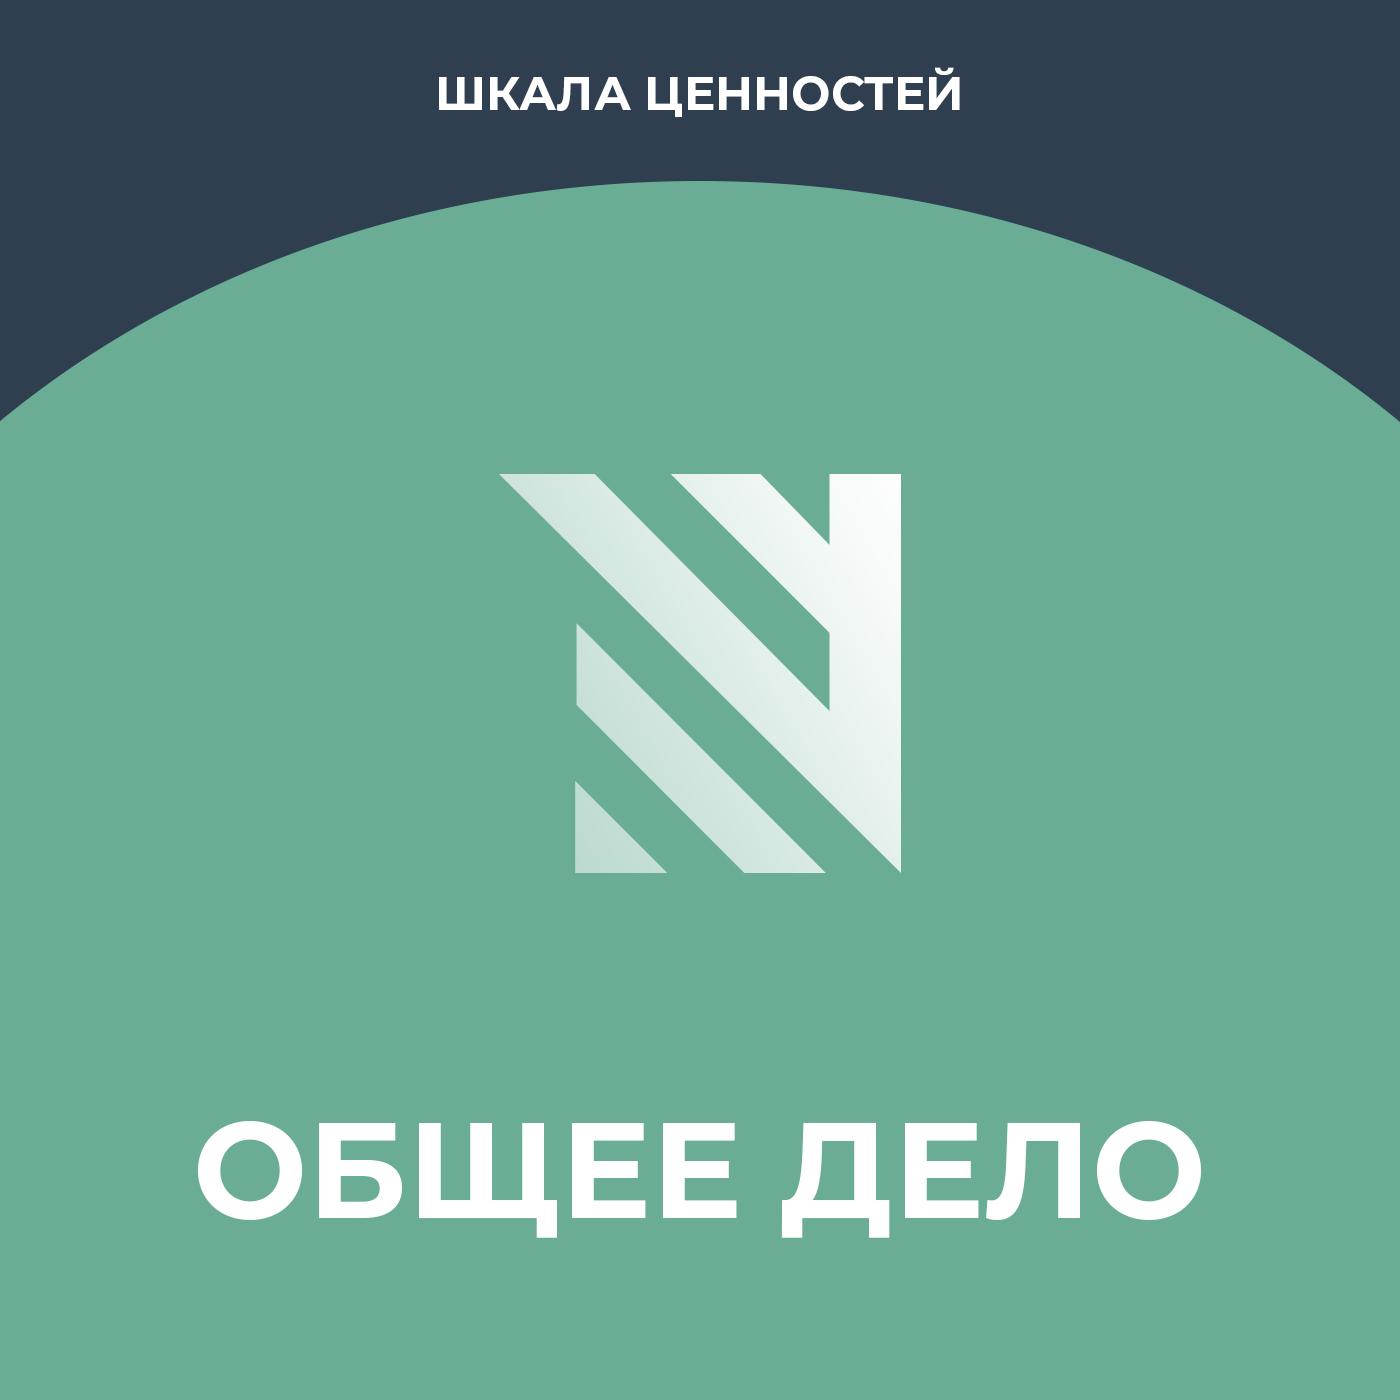 Общее дело #9. Юлия Кривцова. Как менять нестоличный город?